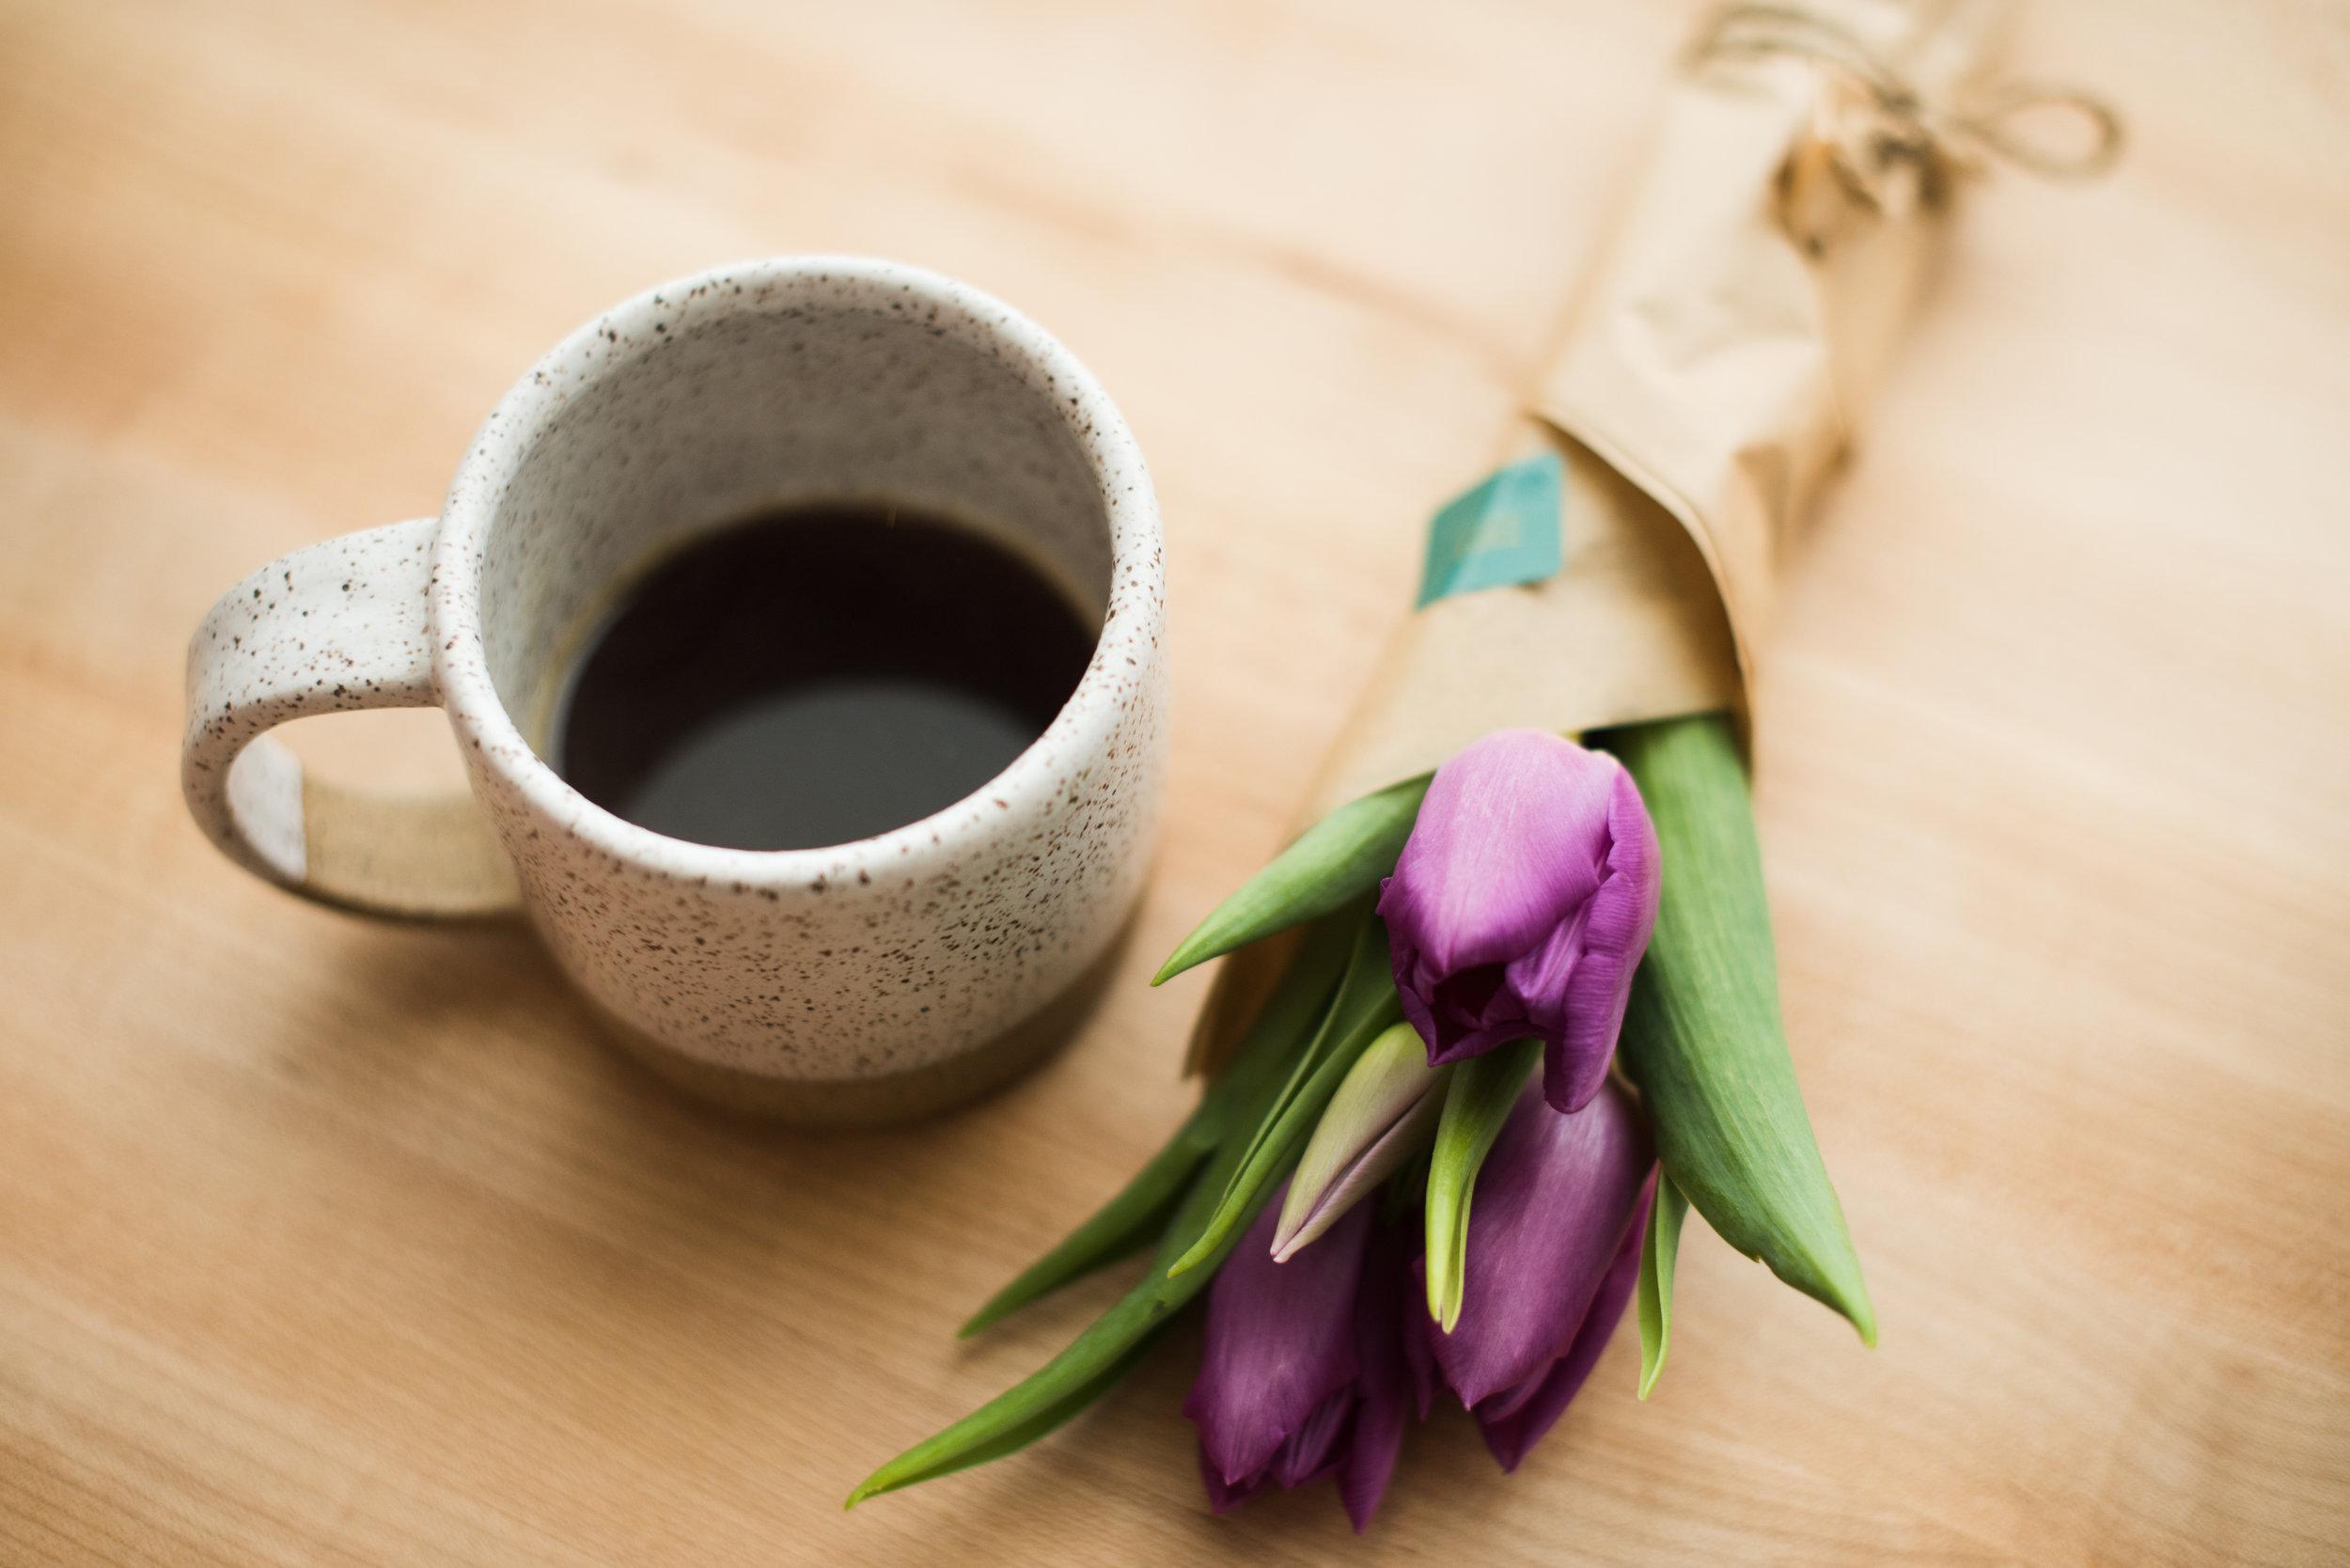 CoffeeandFlowers_02.jpg